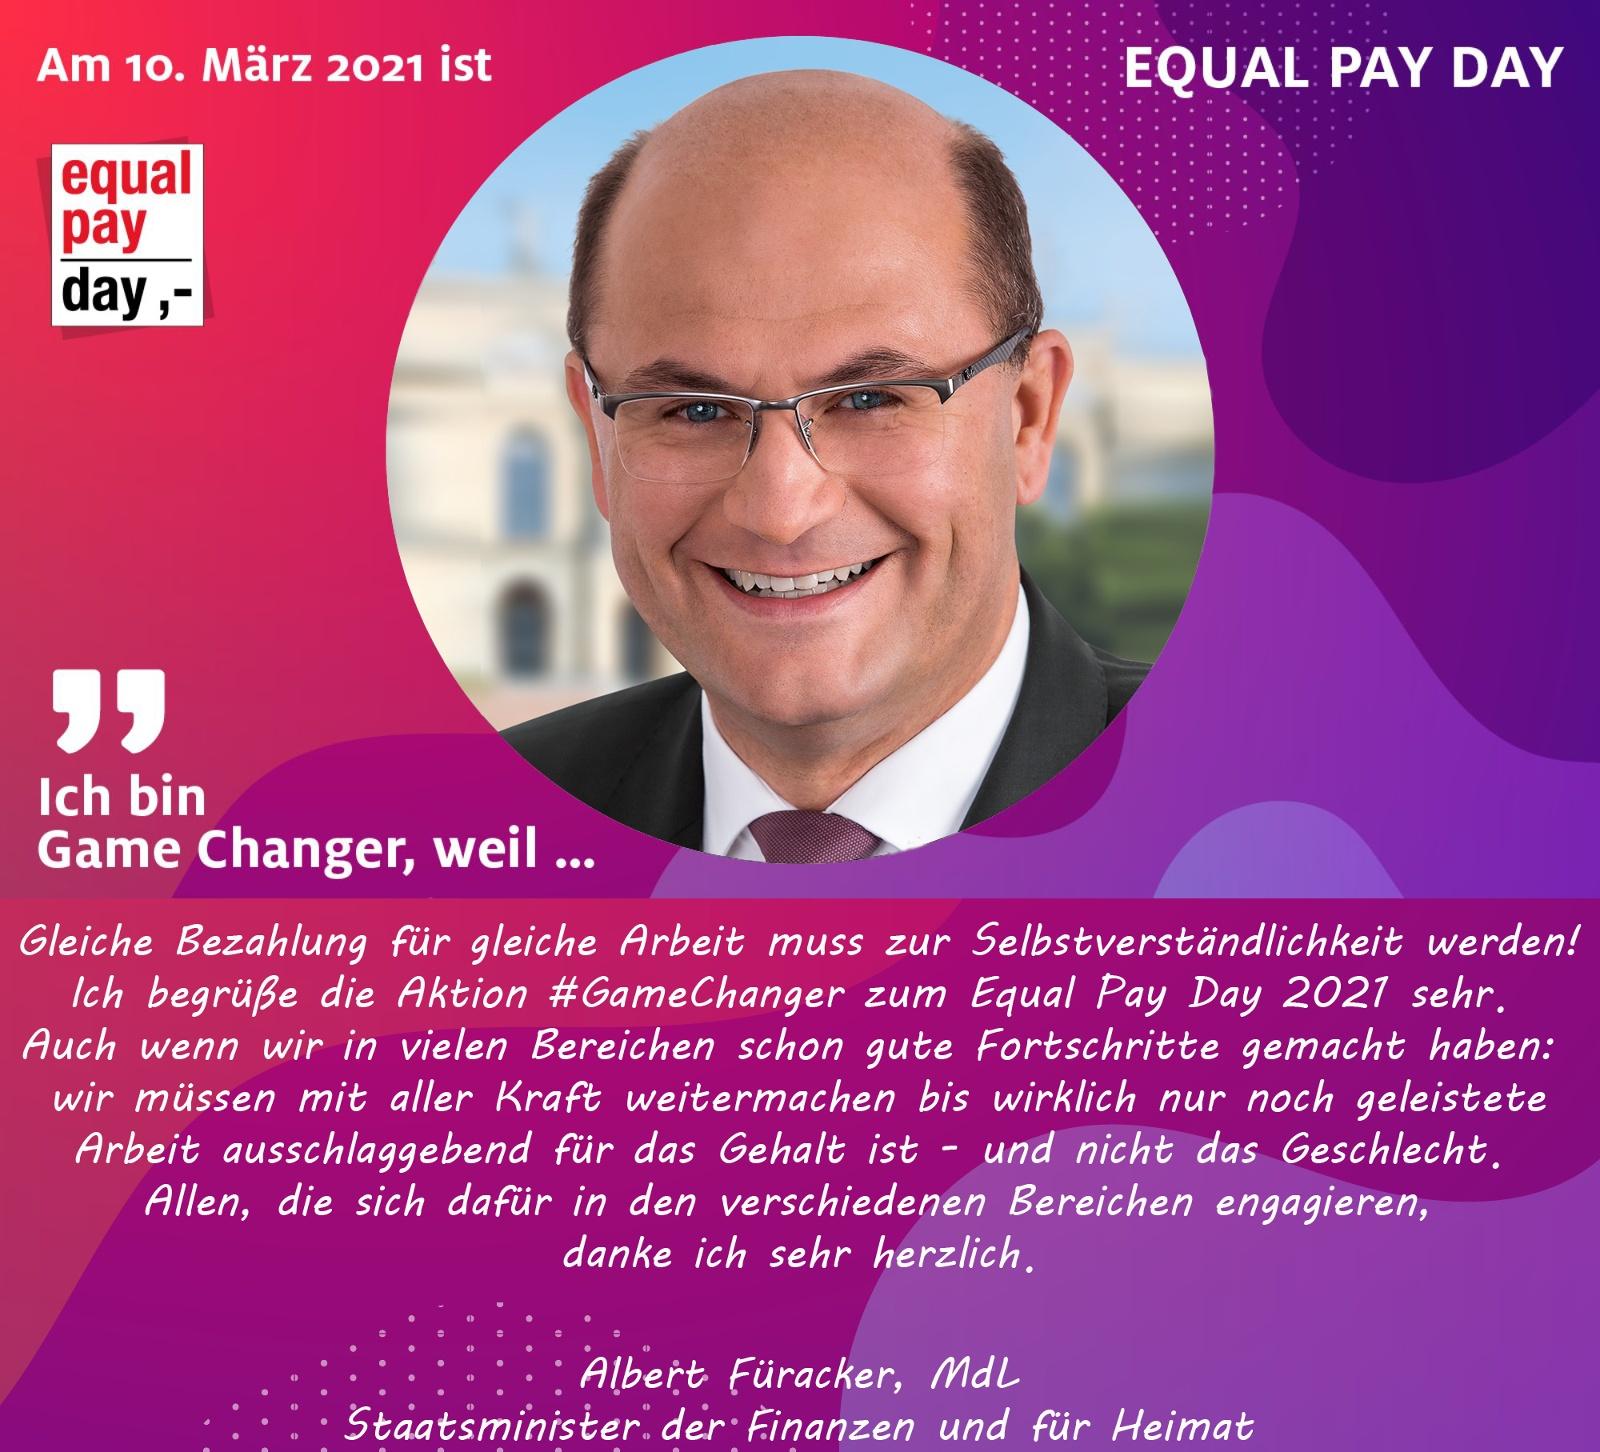 Mitmachaktion Equal Pay Day Albert Füracker, Mdl, Staatsminister der Finanzen und für Heimat